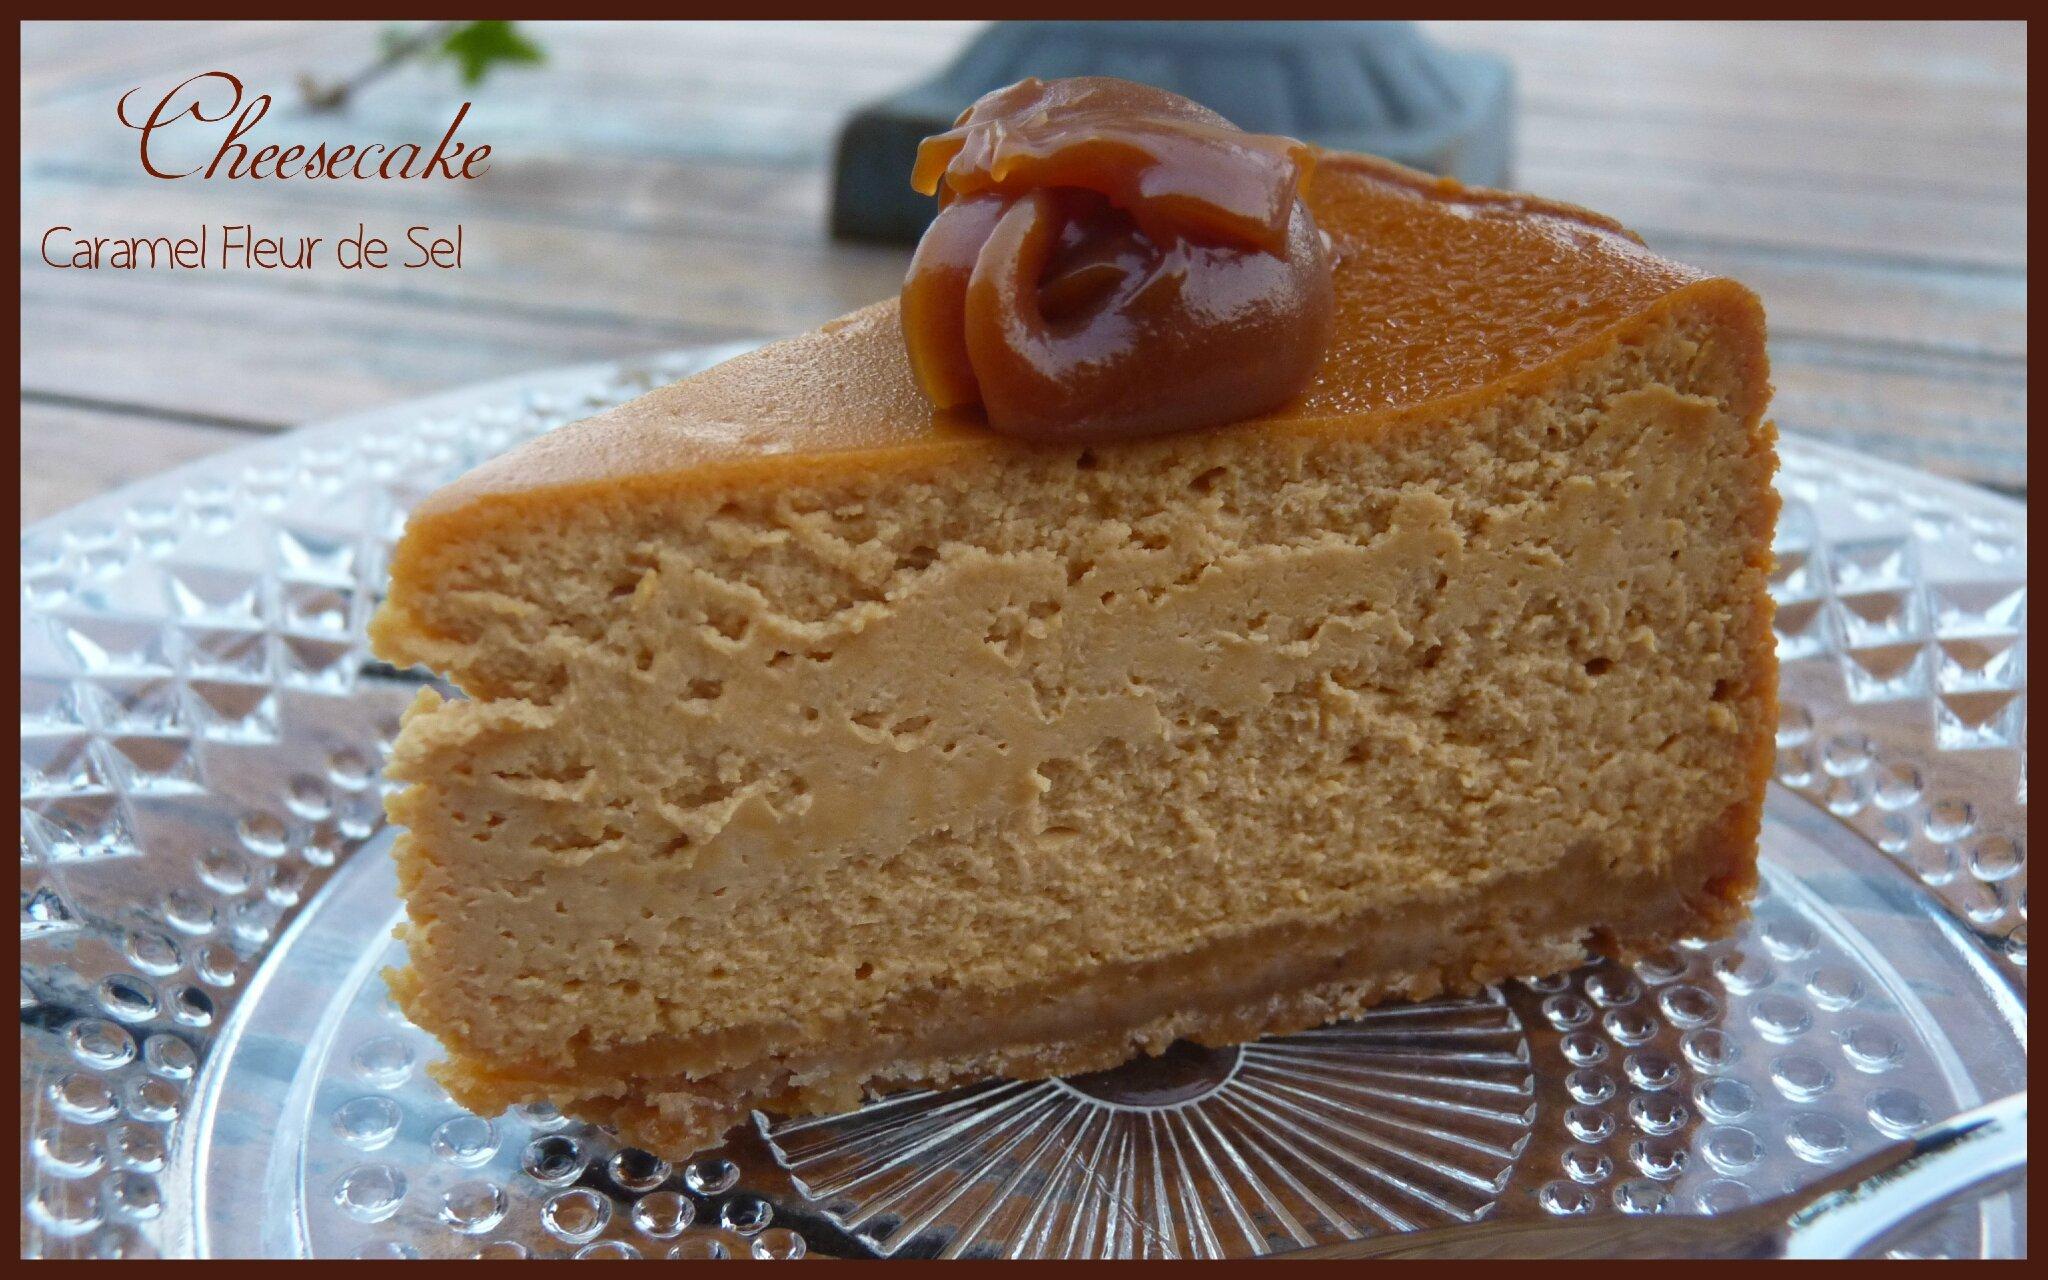 cheesecake caramel fleur de sel